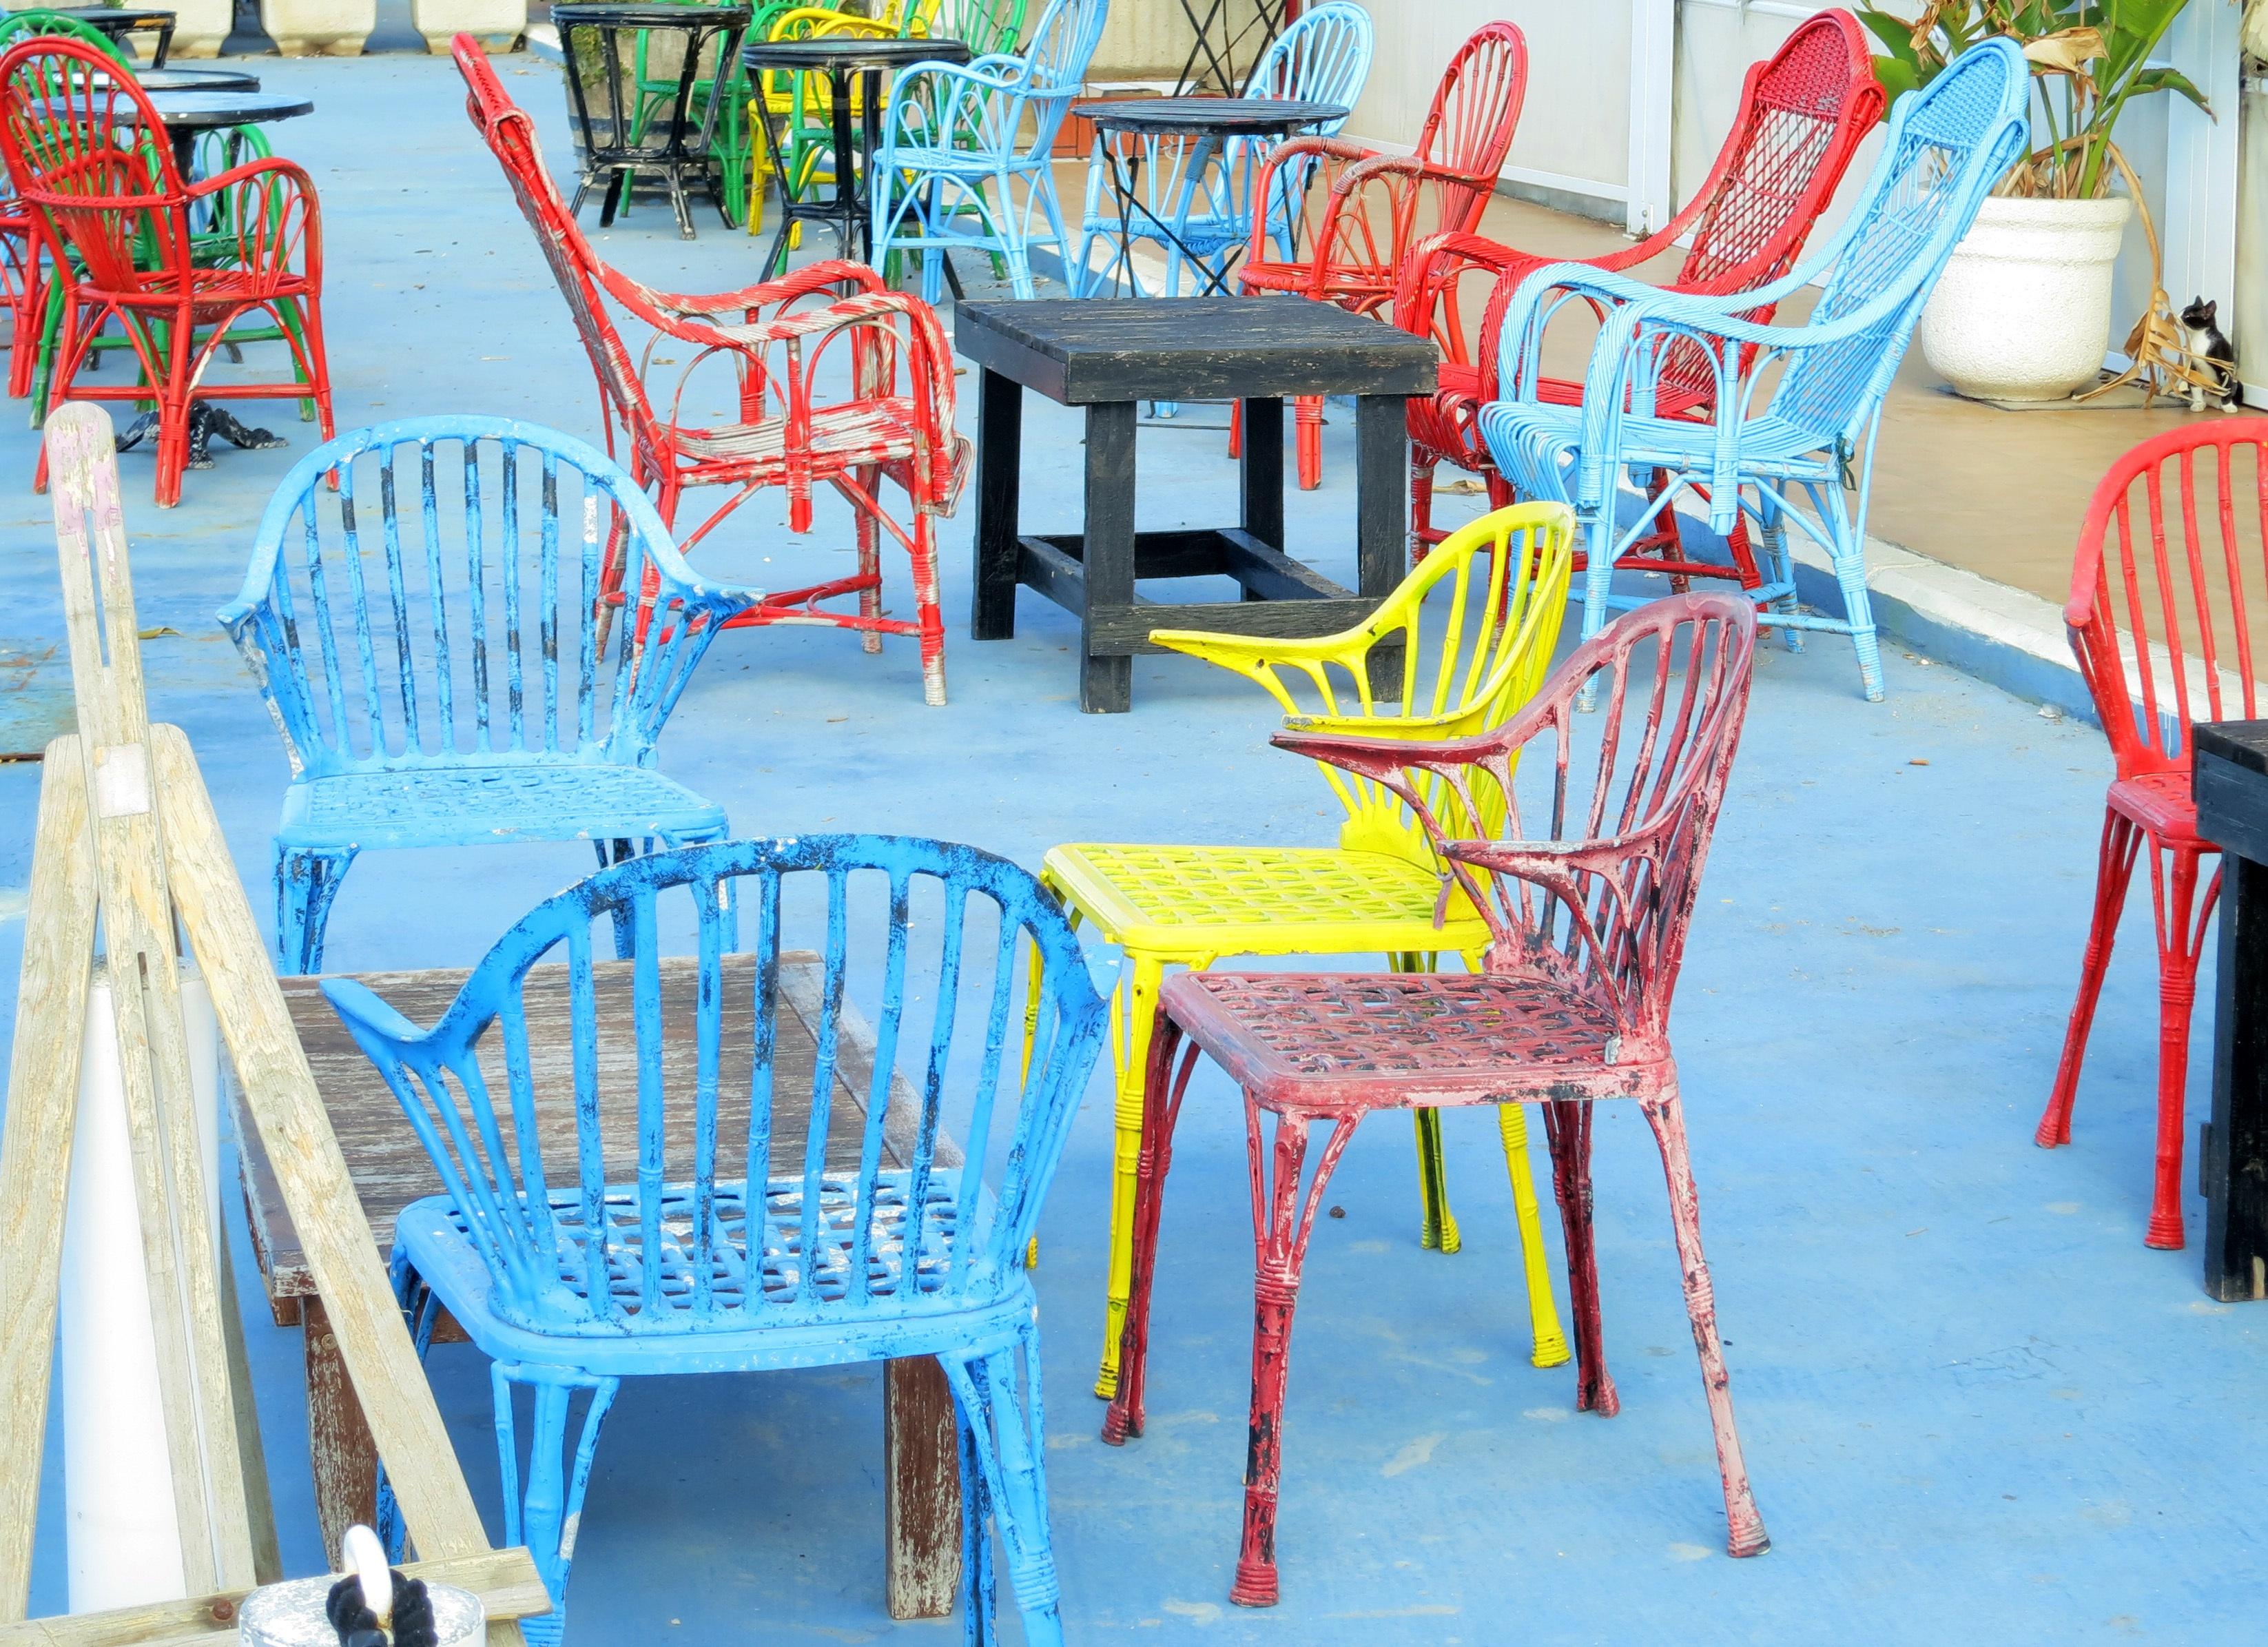 Free table chair restaurant amusement park color